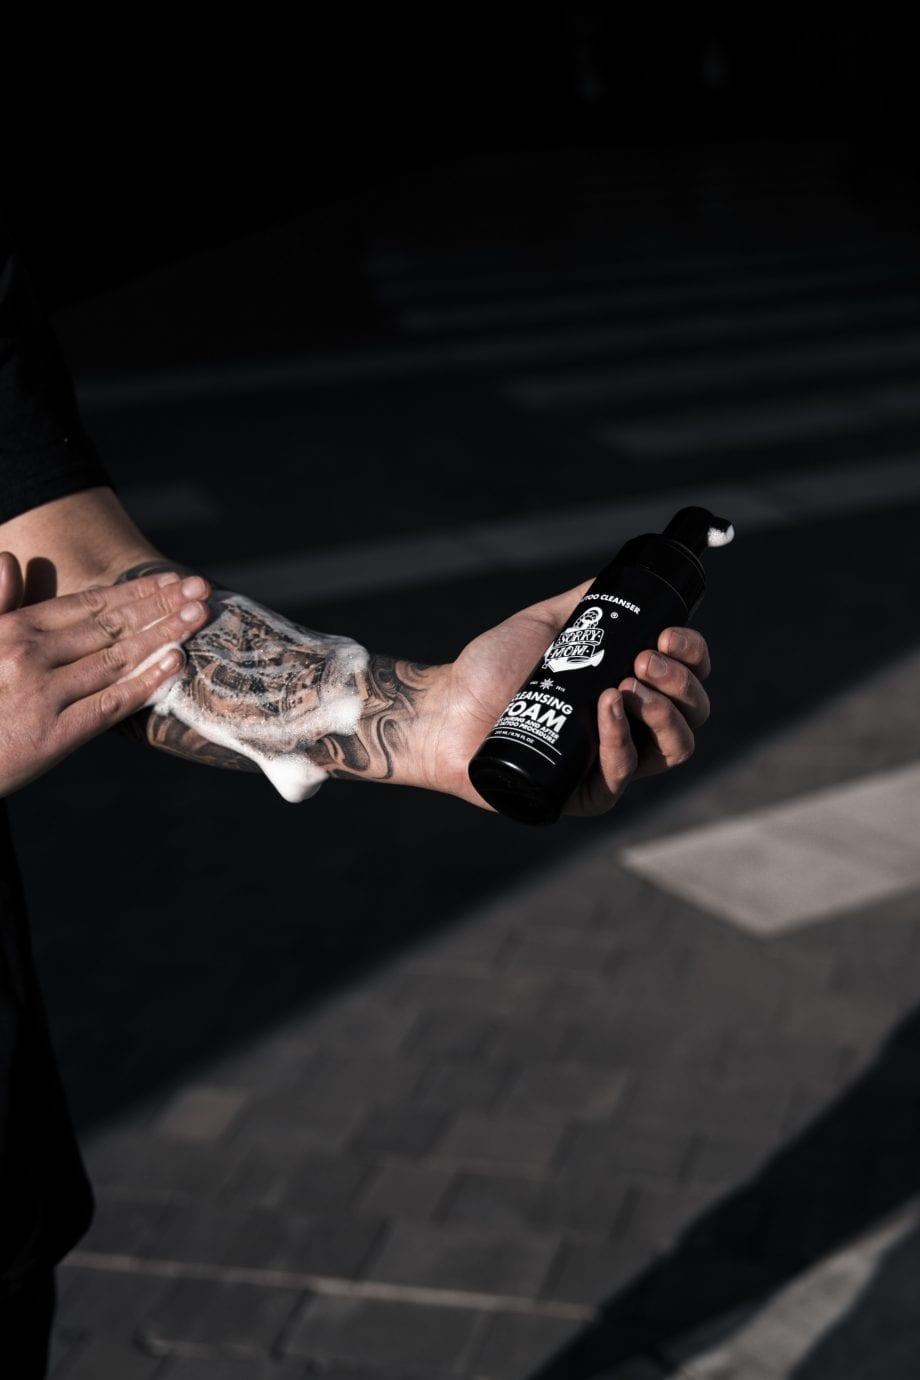 Kit tatuat | Sorry Mom - Proper Tattoo Care